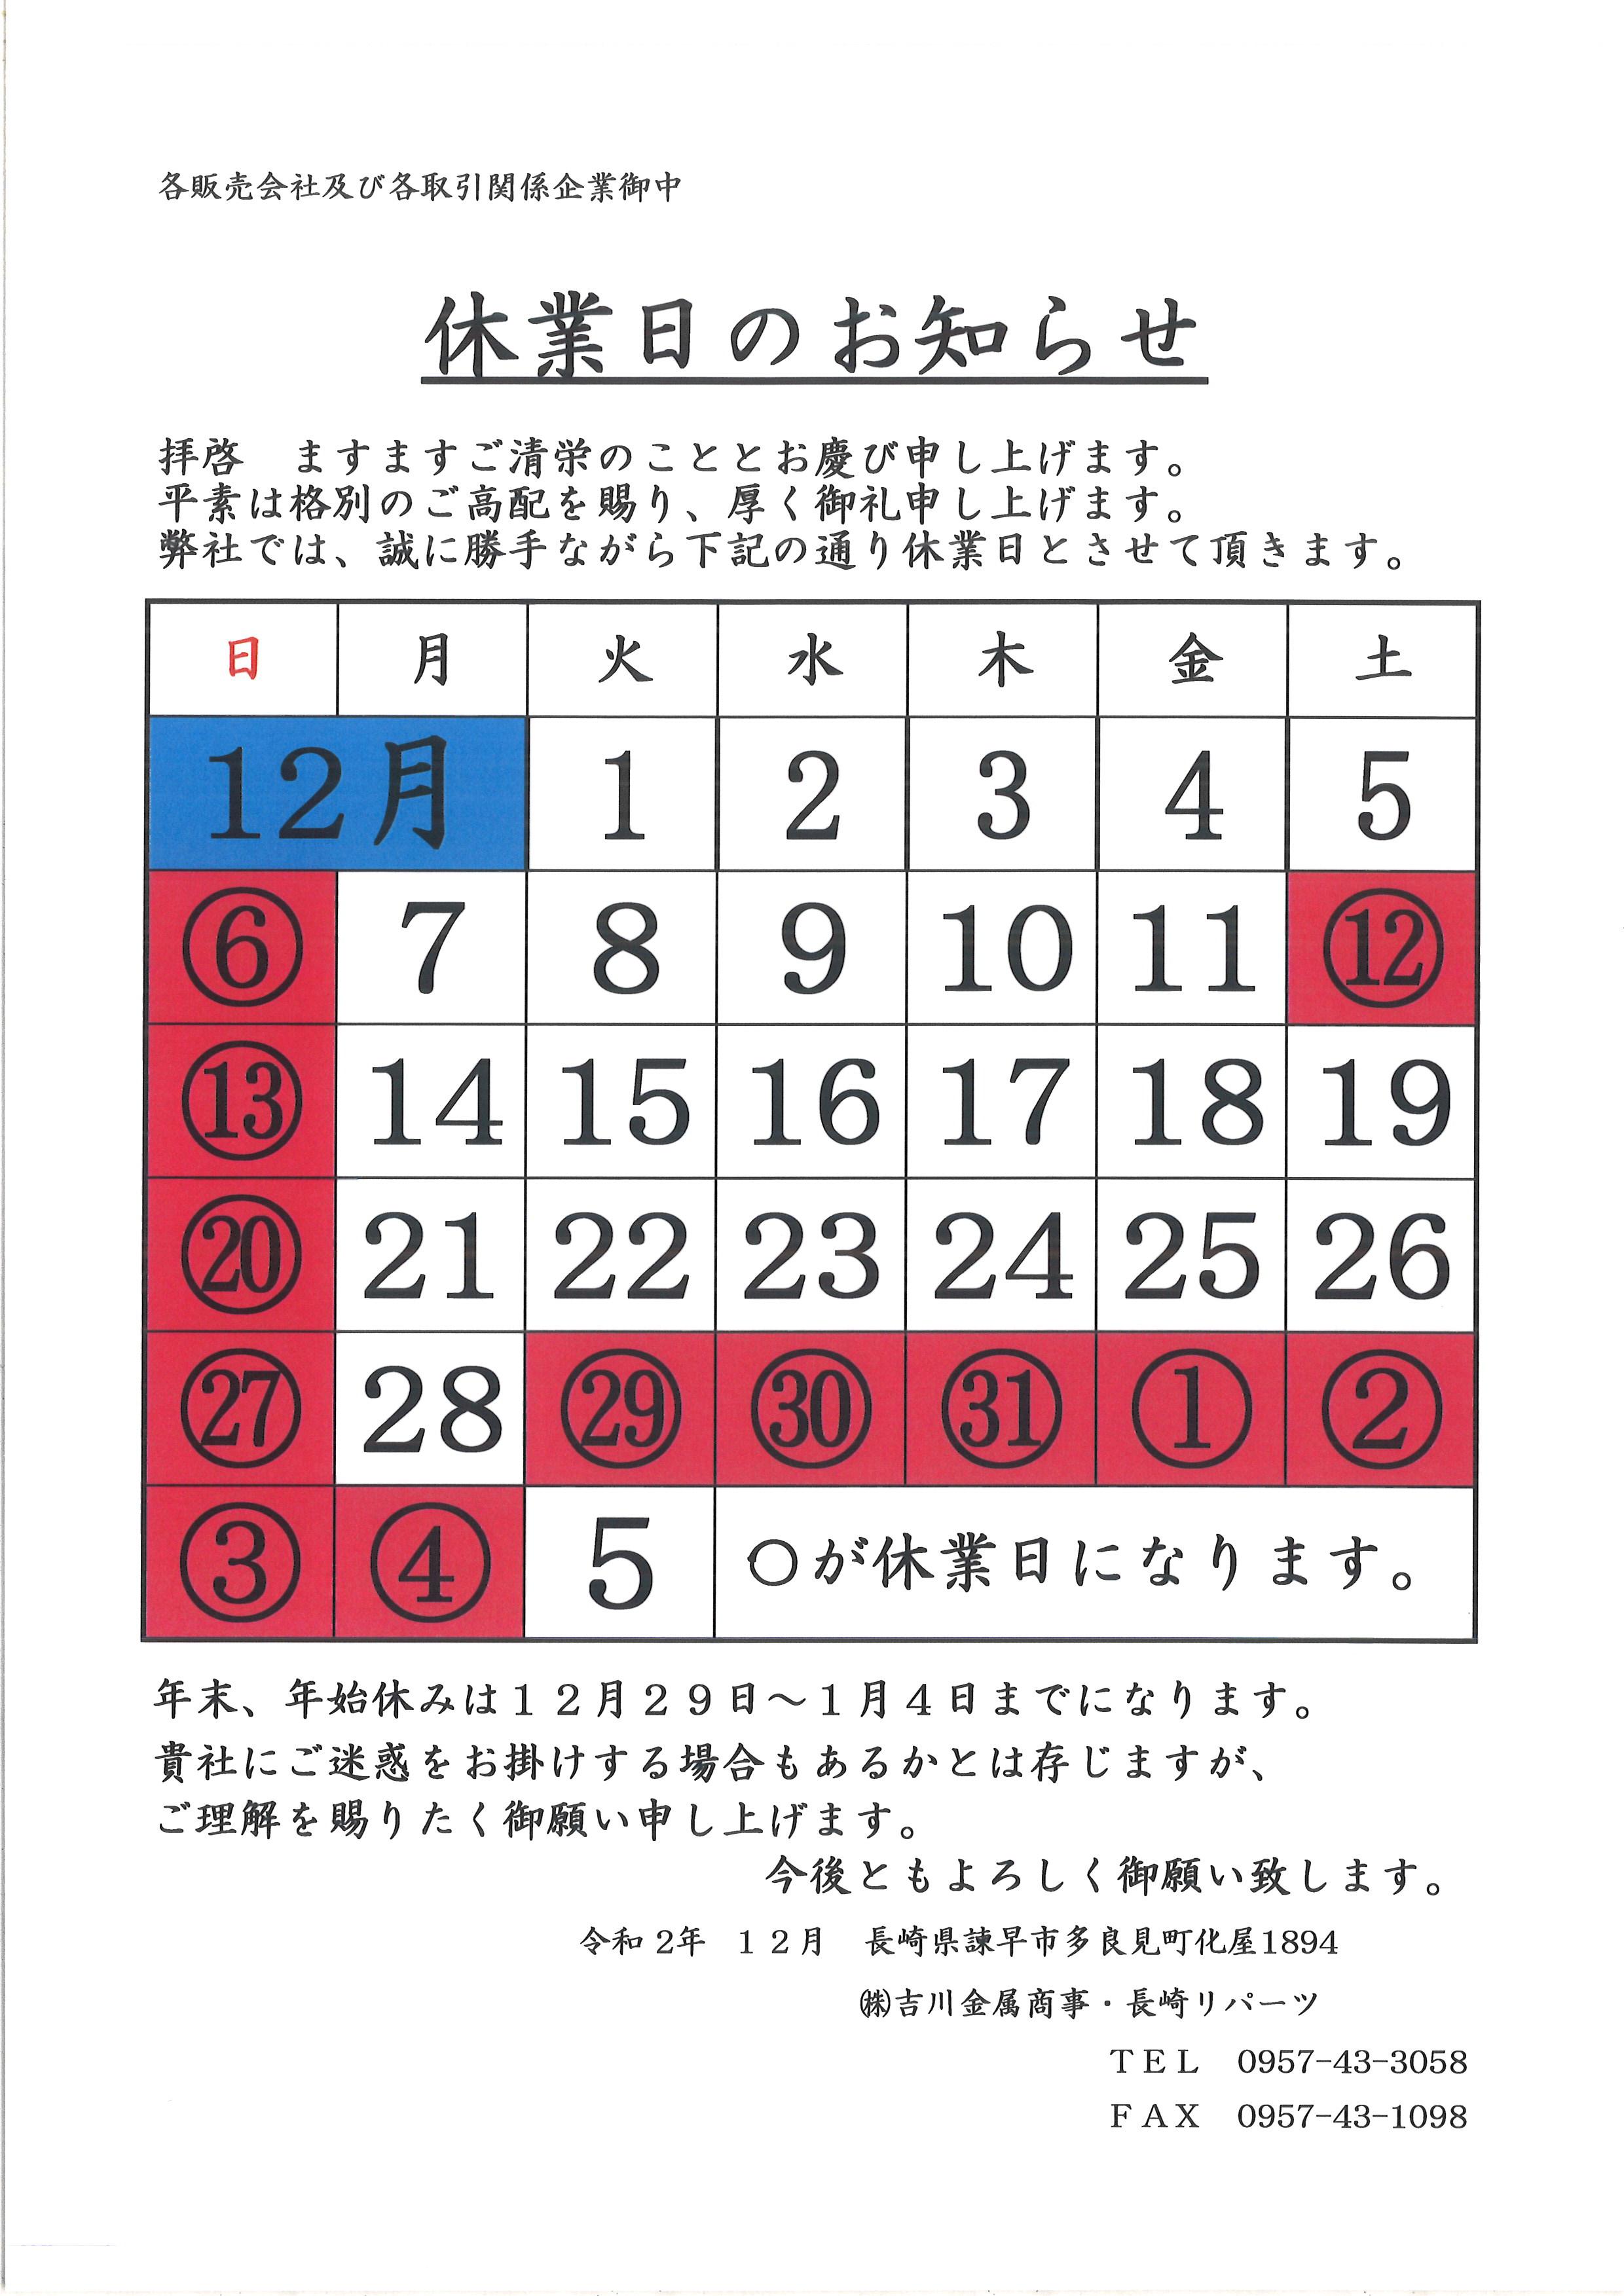 12月・年末年始の休業日になります。